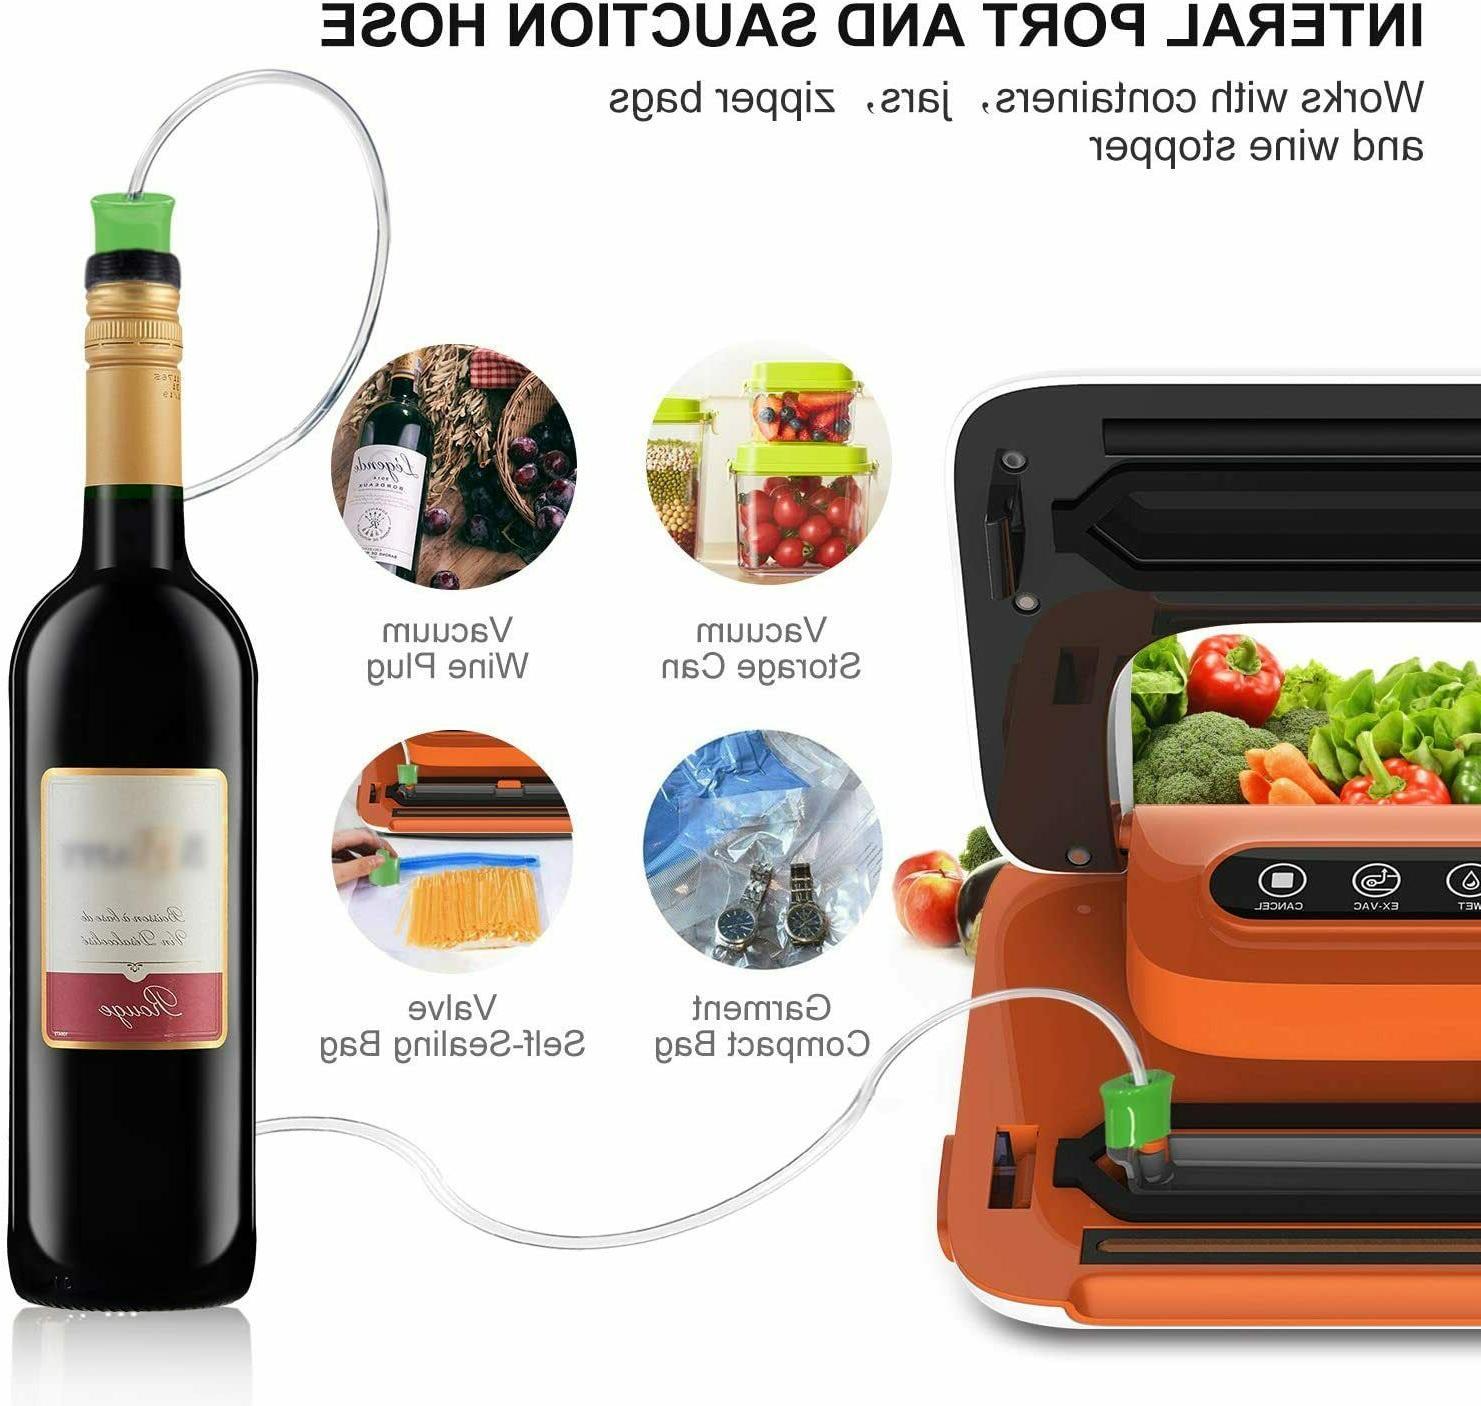 Commercial Saver Sealer Machine Seal Meal Foodsaver System